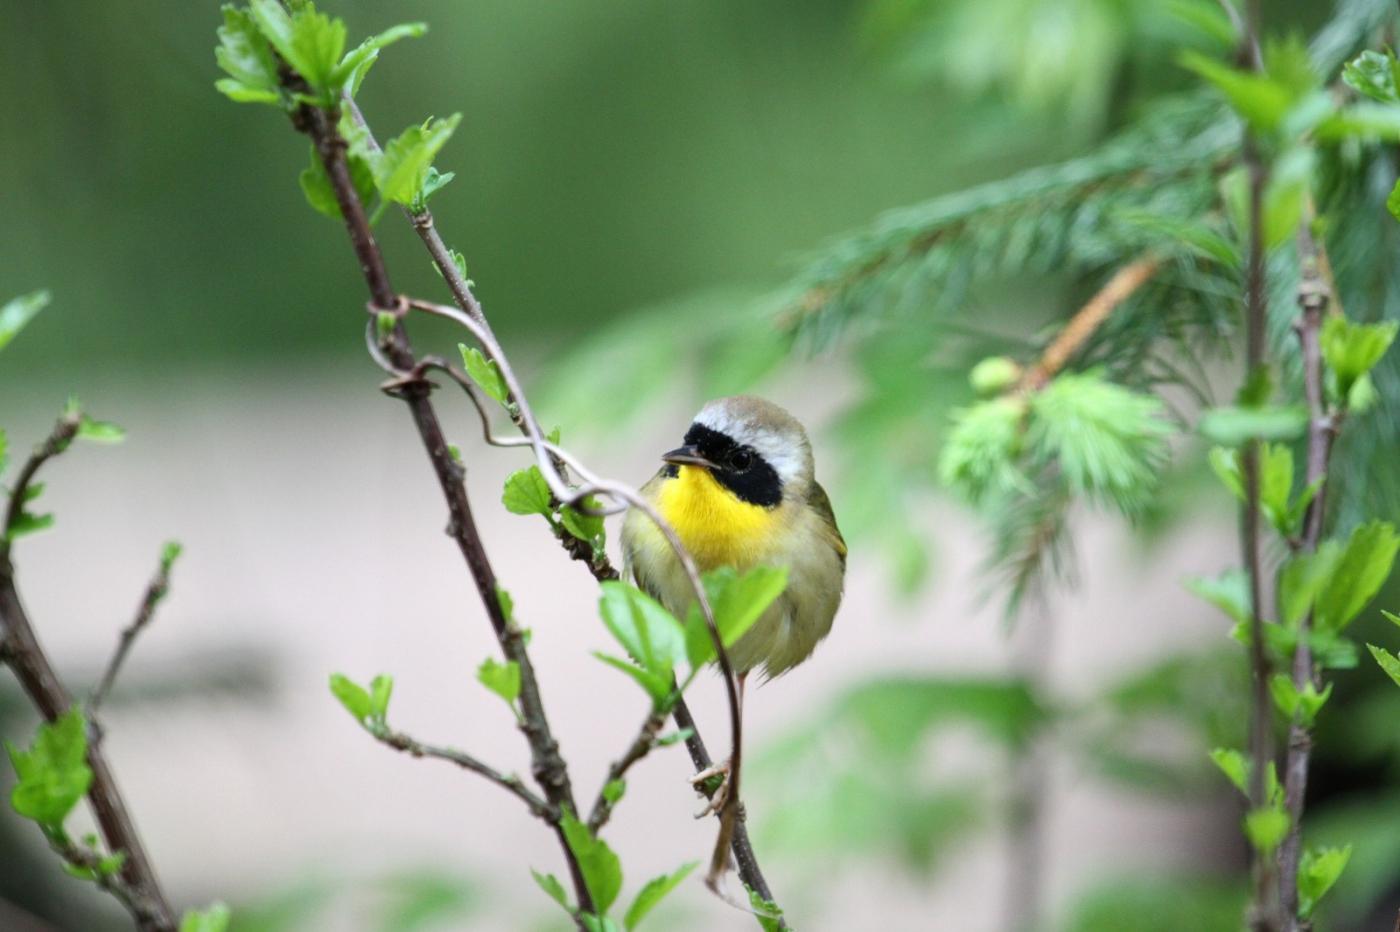 【田螺摄影】雨后窗外的小黄鸟_图1-3